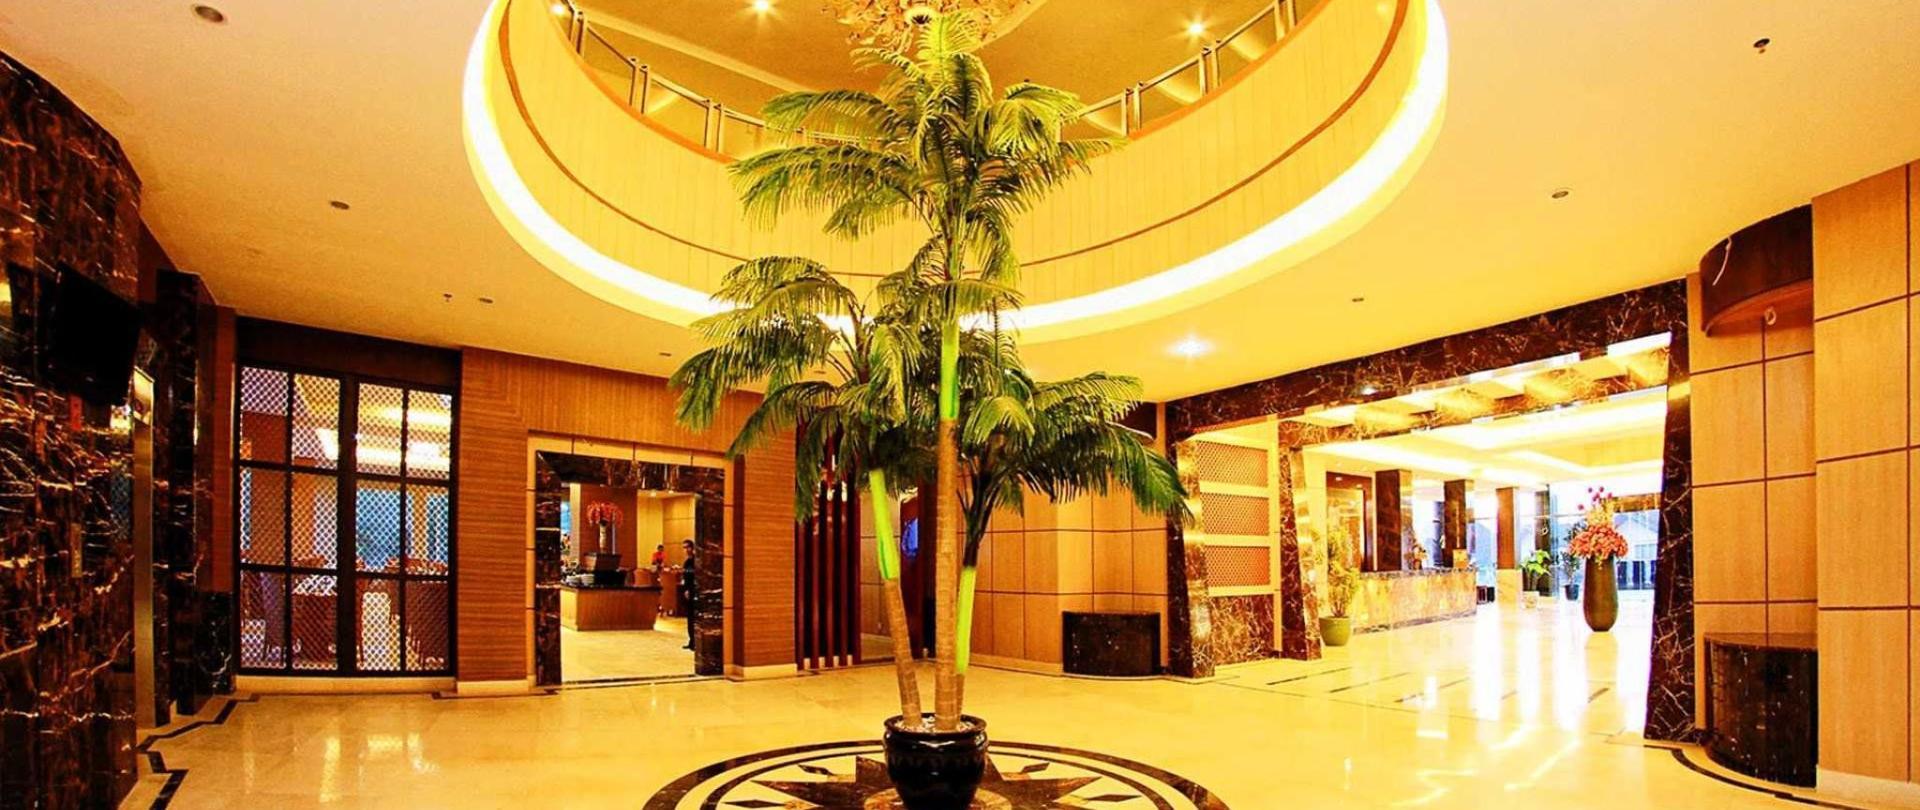 04-lobby.jpg